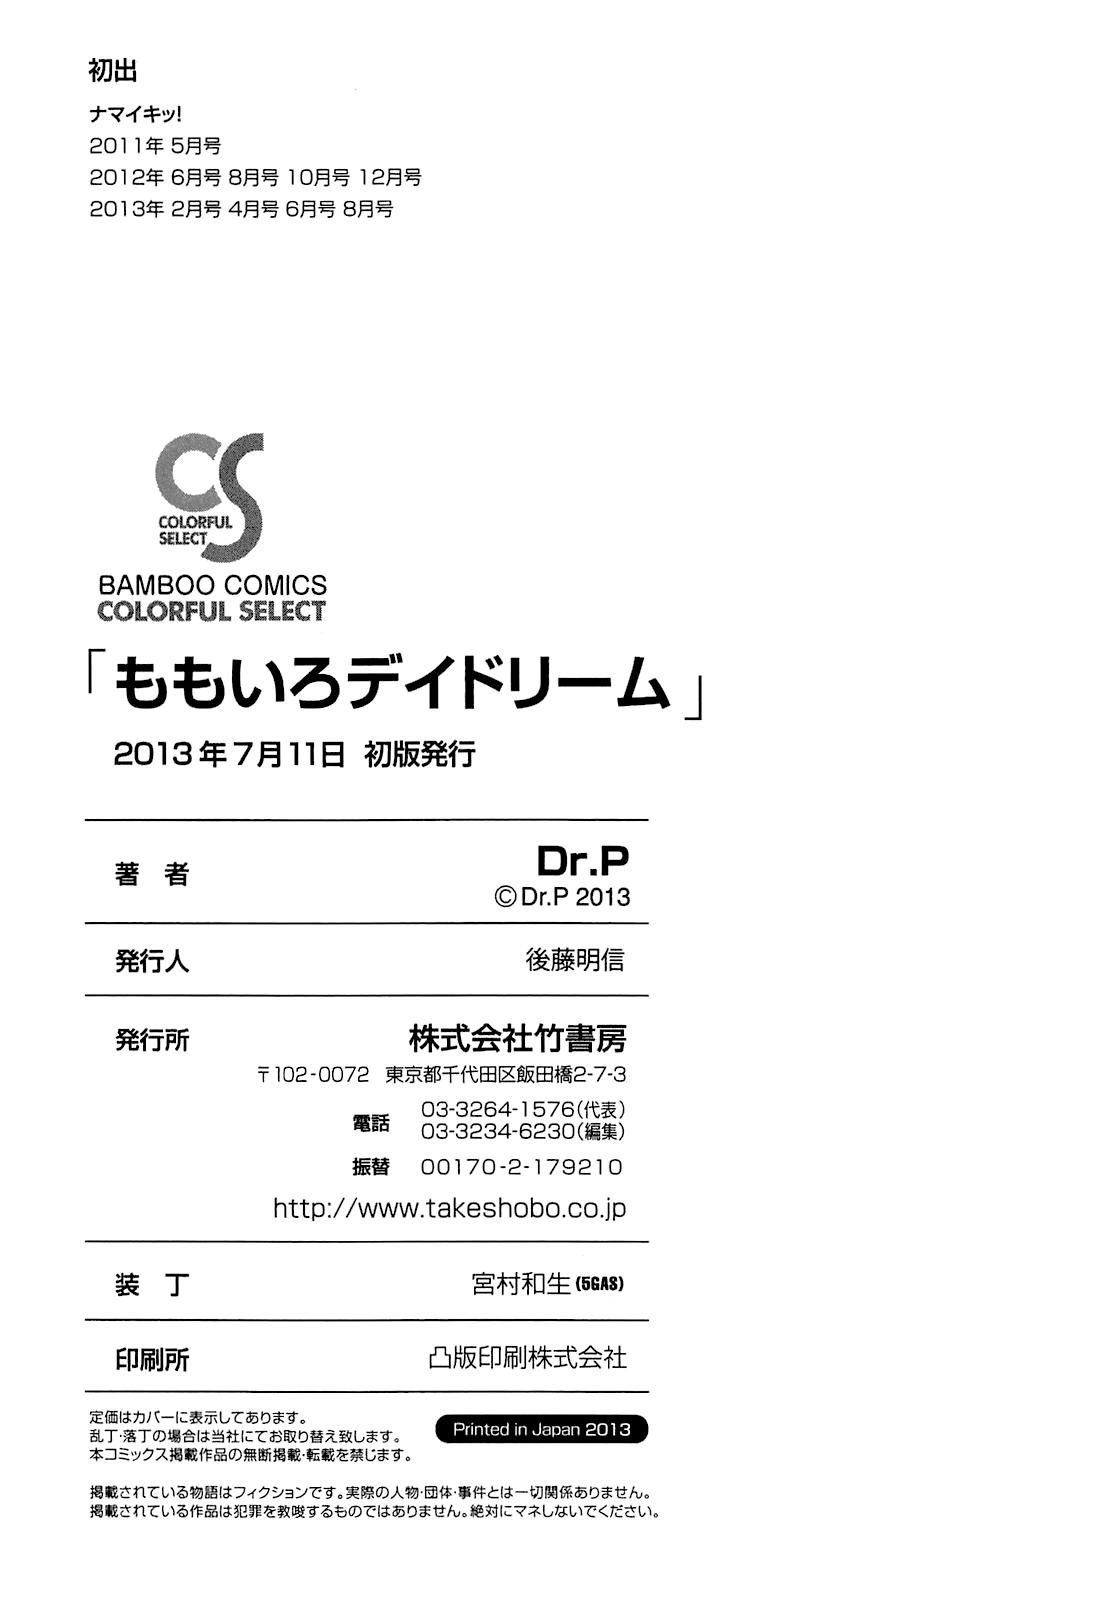 HentaiVN.net - Ảnh 14 - Momoiro Daydream [Không che] - Chap bonus [END]